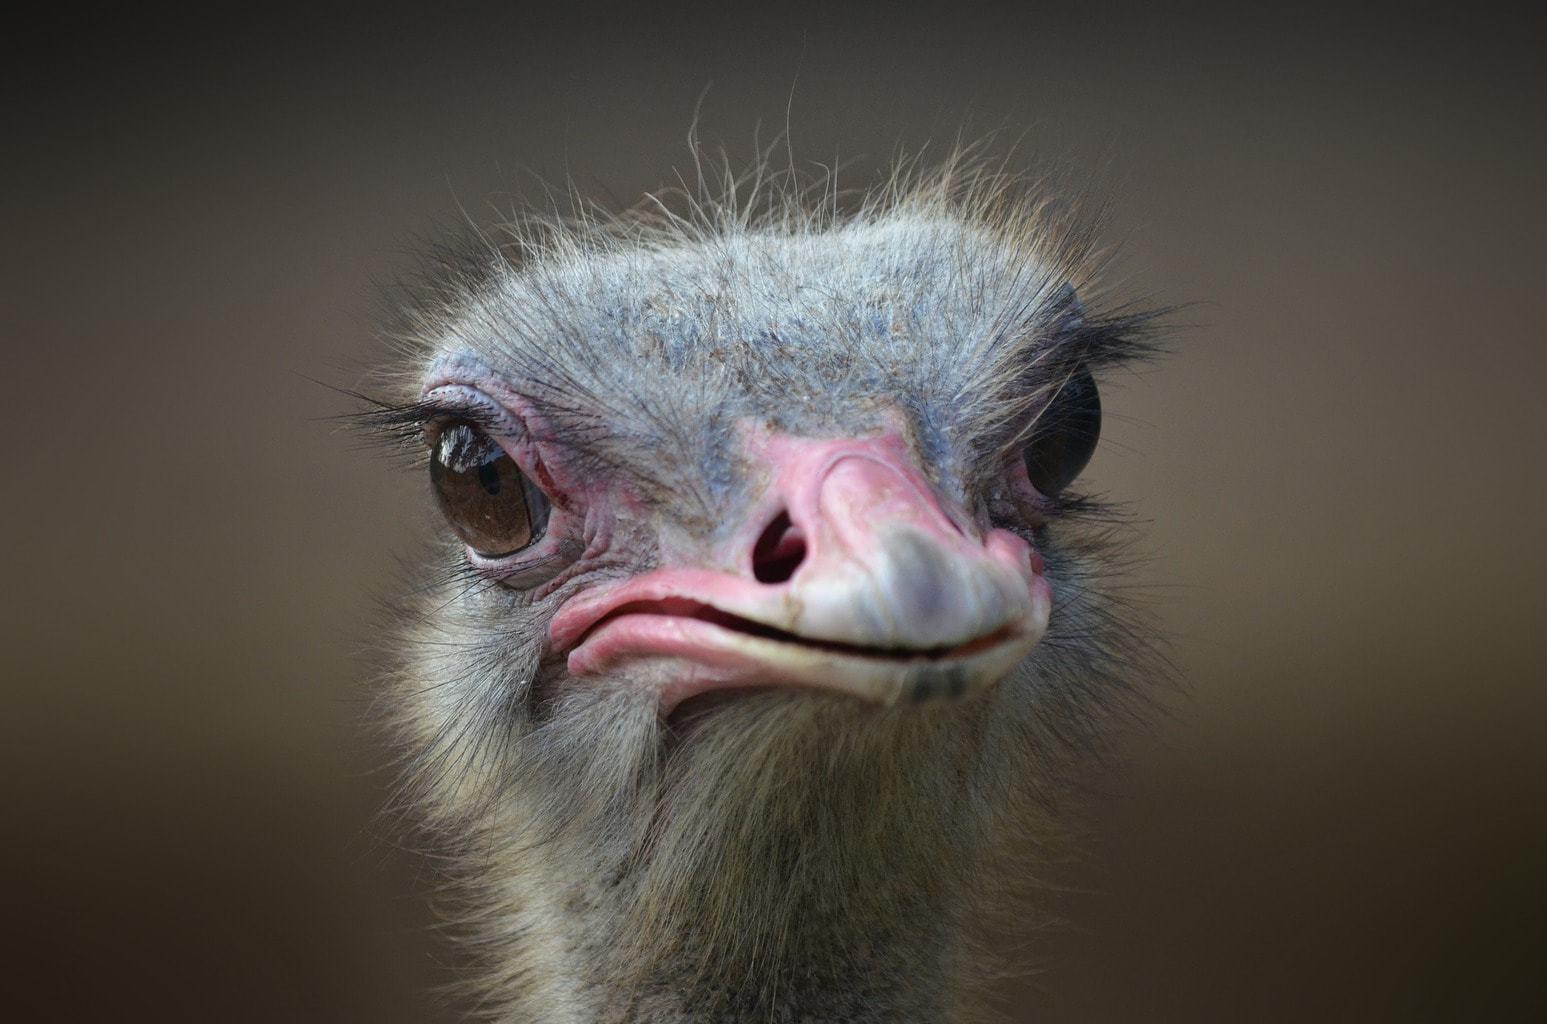 ostrich-1688889_1920